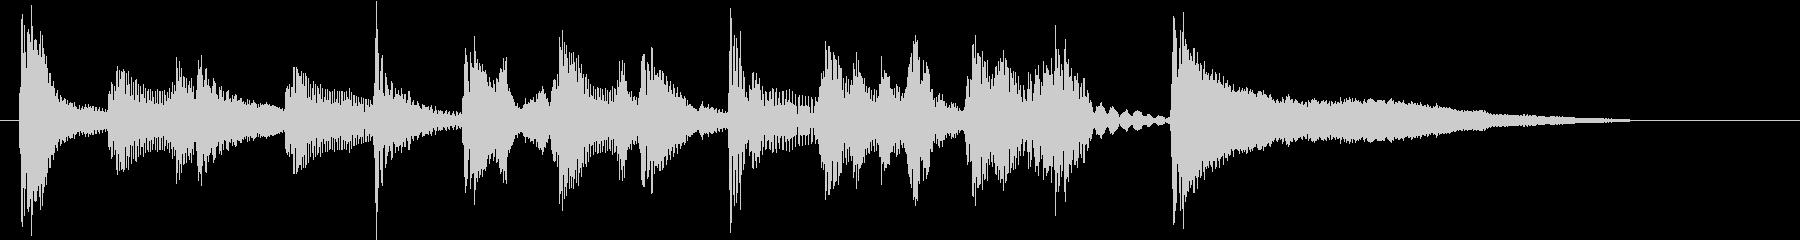 ゲーム実況OP用ミュートサックスジャズの未再生の波形